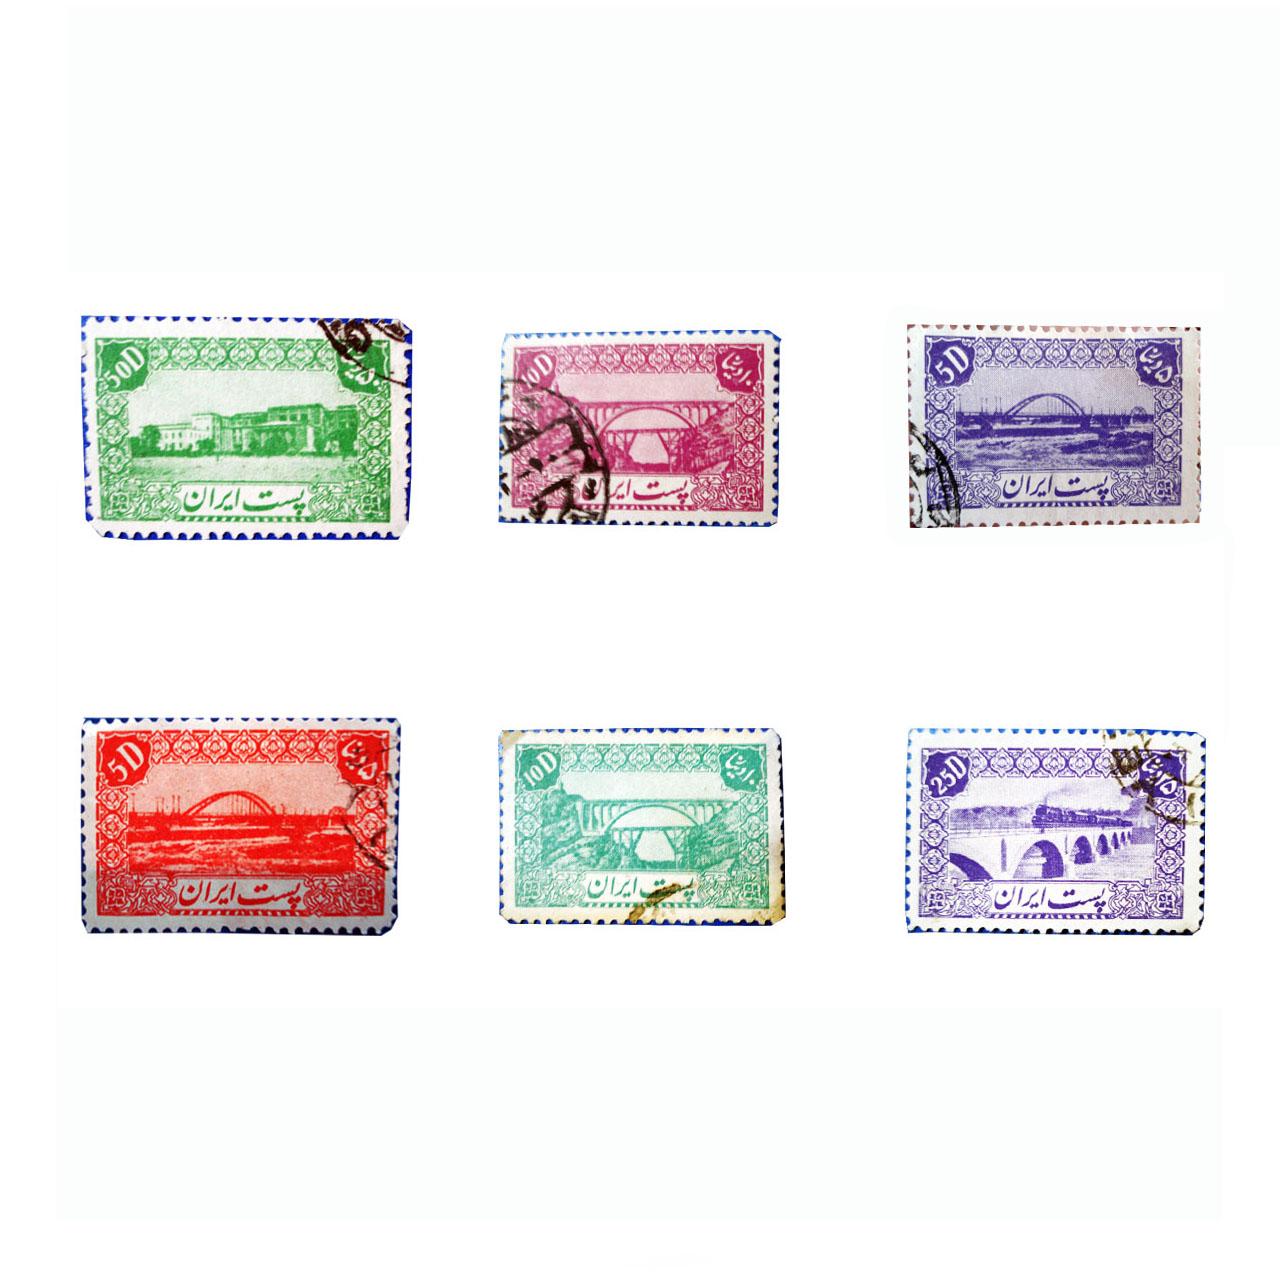 تمبر یادگاری سری دوم پستی کد 421 مجموعه 6 عددی